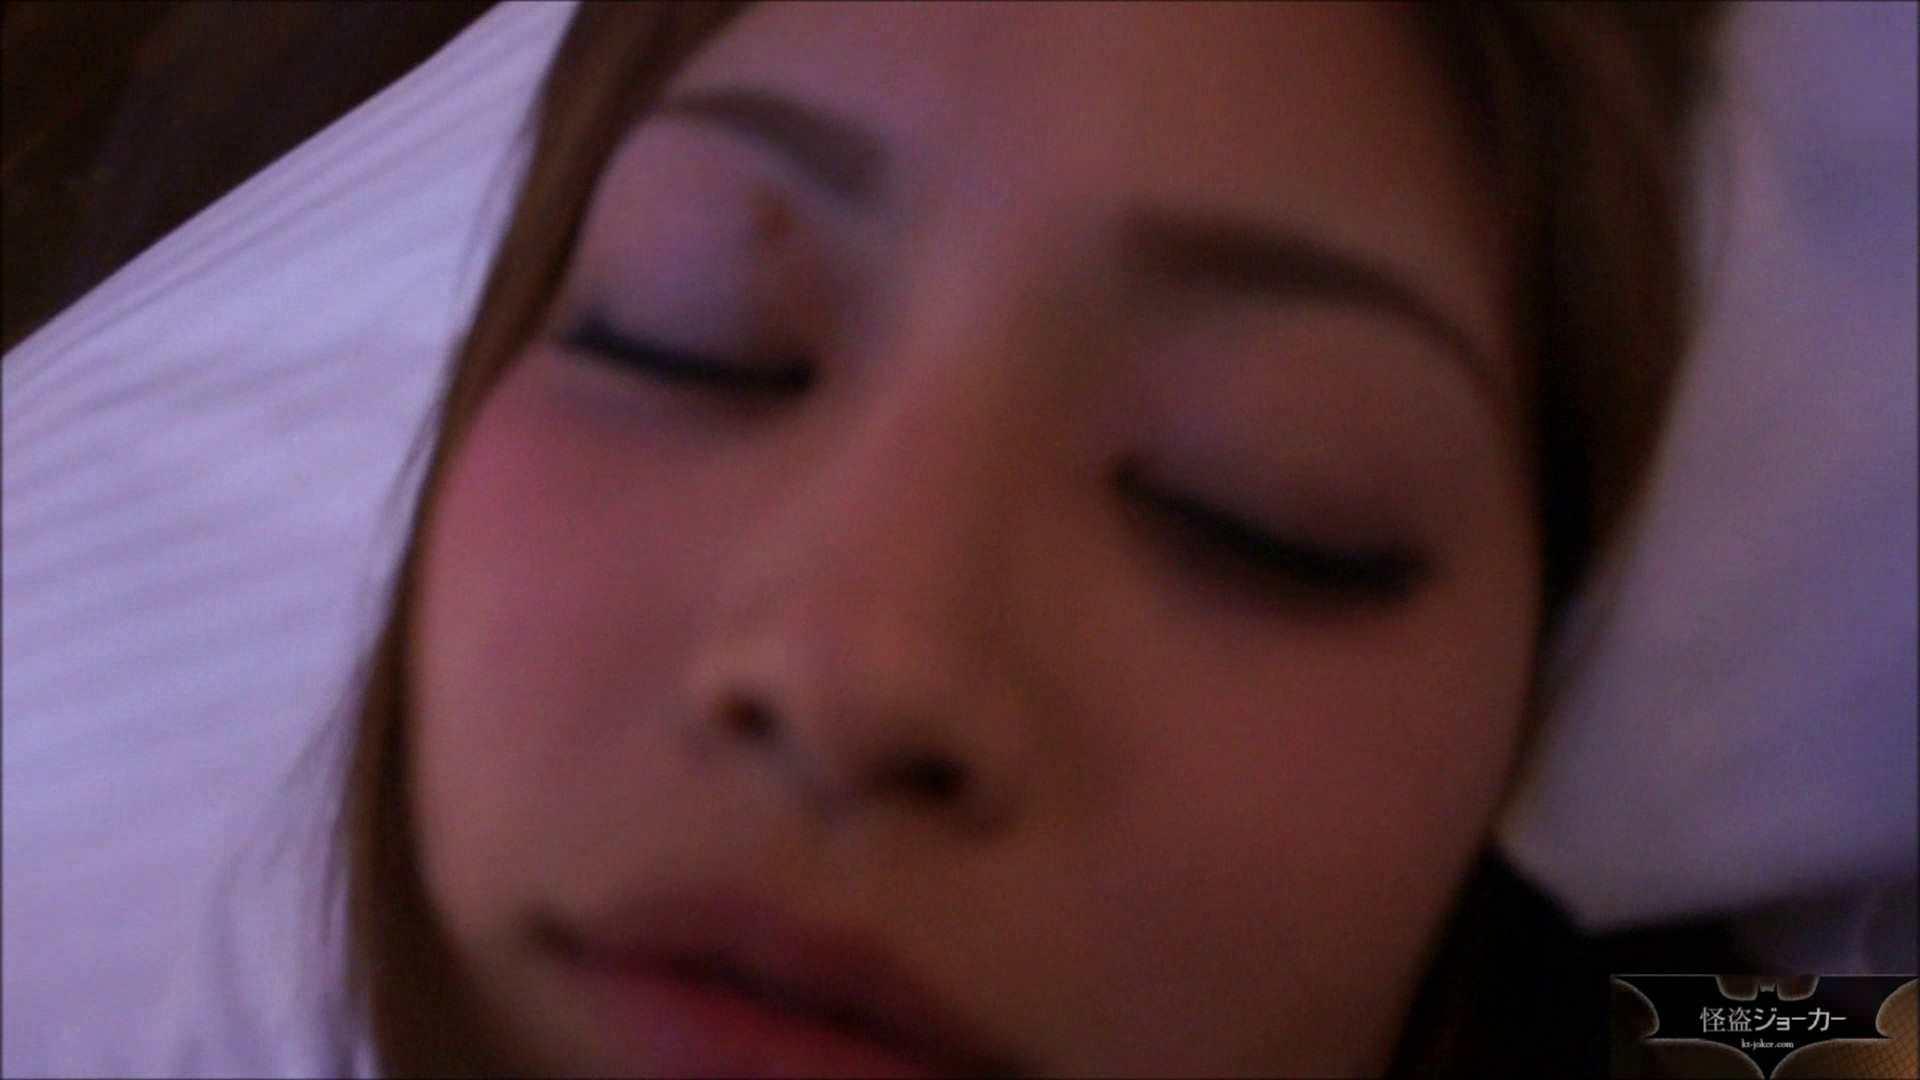 【未公開】vol.13 セレブ美魔女・ユキさんと初めて会った日。 OL | 0  96連発 33